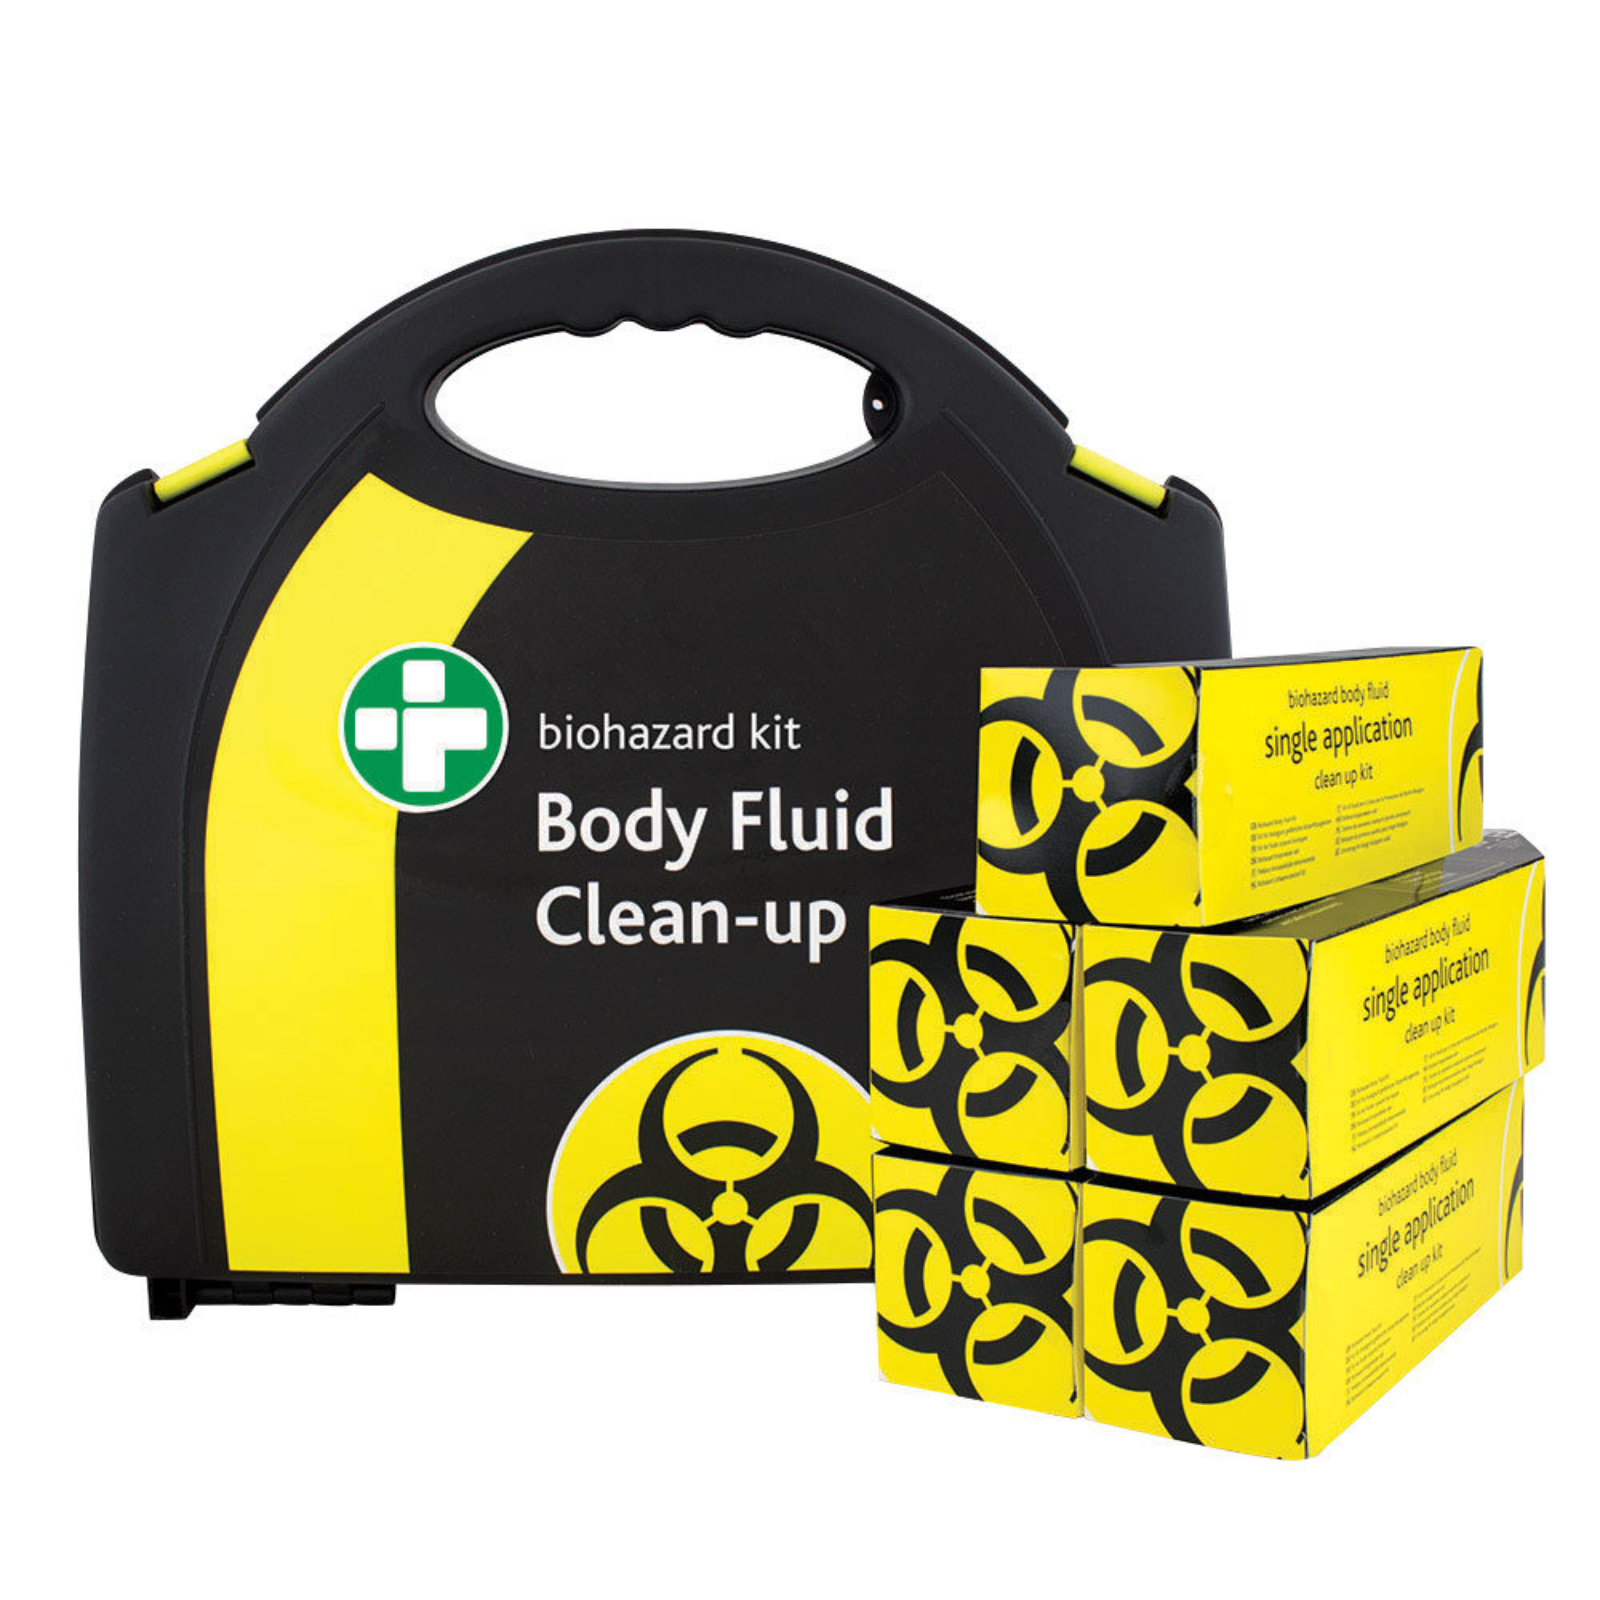 Biohazard Spillage Clean-Up Kits